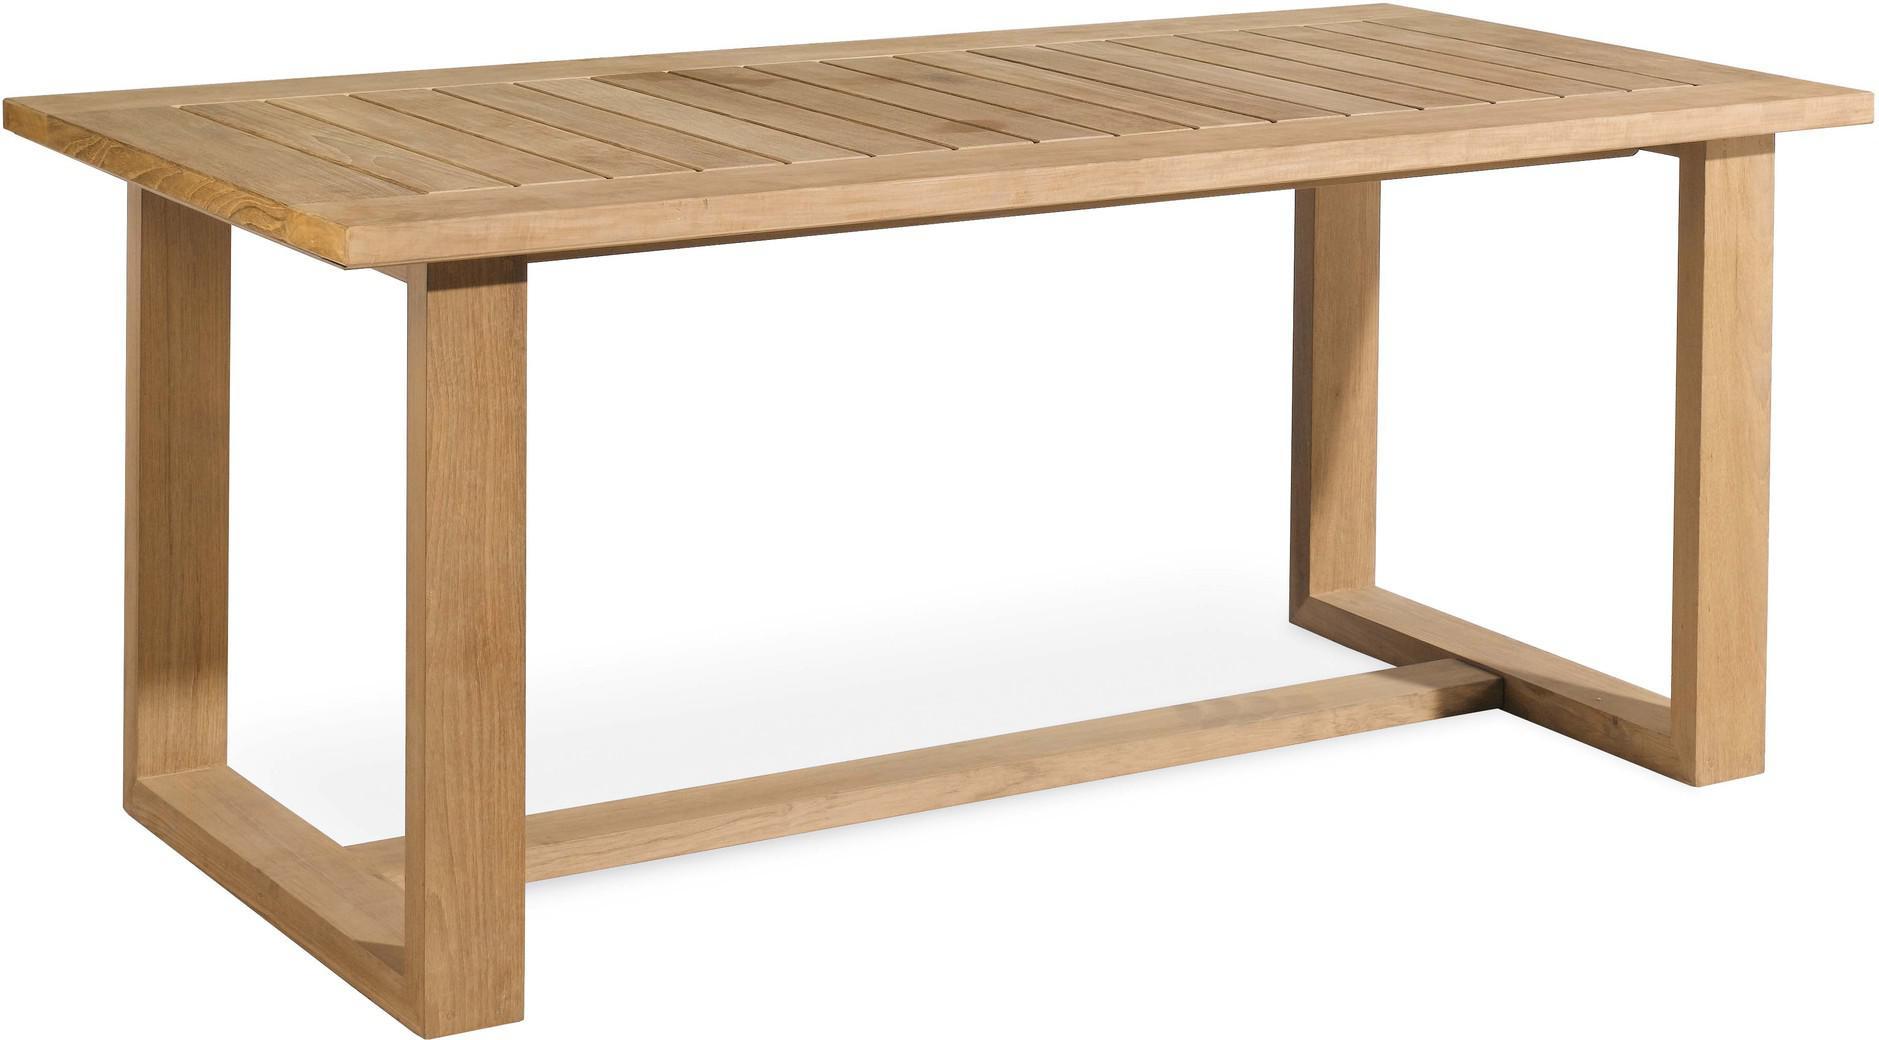 Siena Dining table - Teak - Teak 130